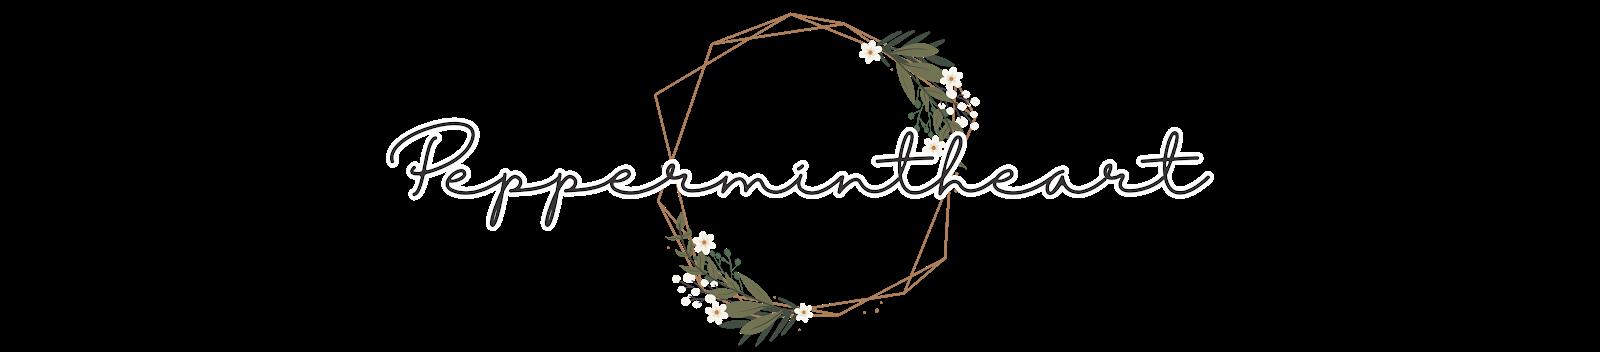 Peppermintheart